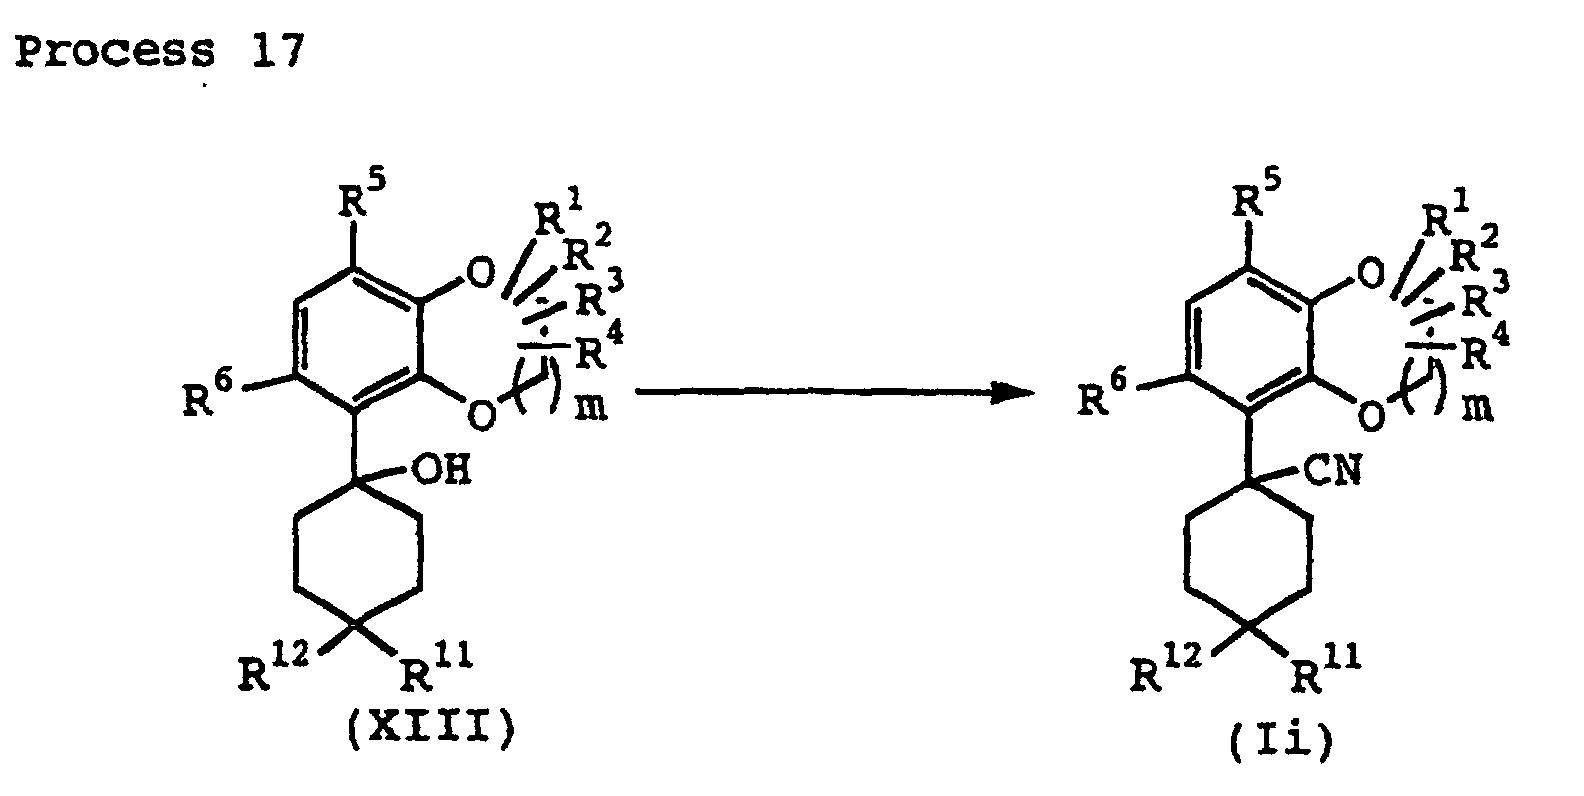 2 Butanol